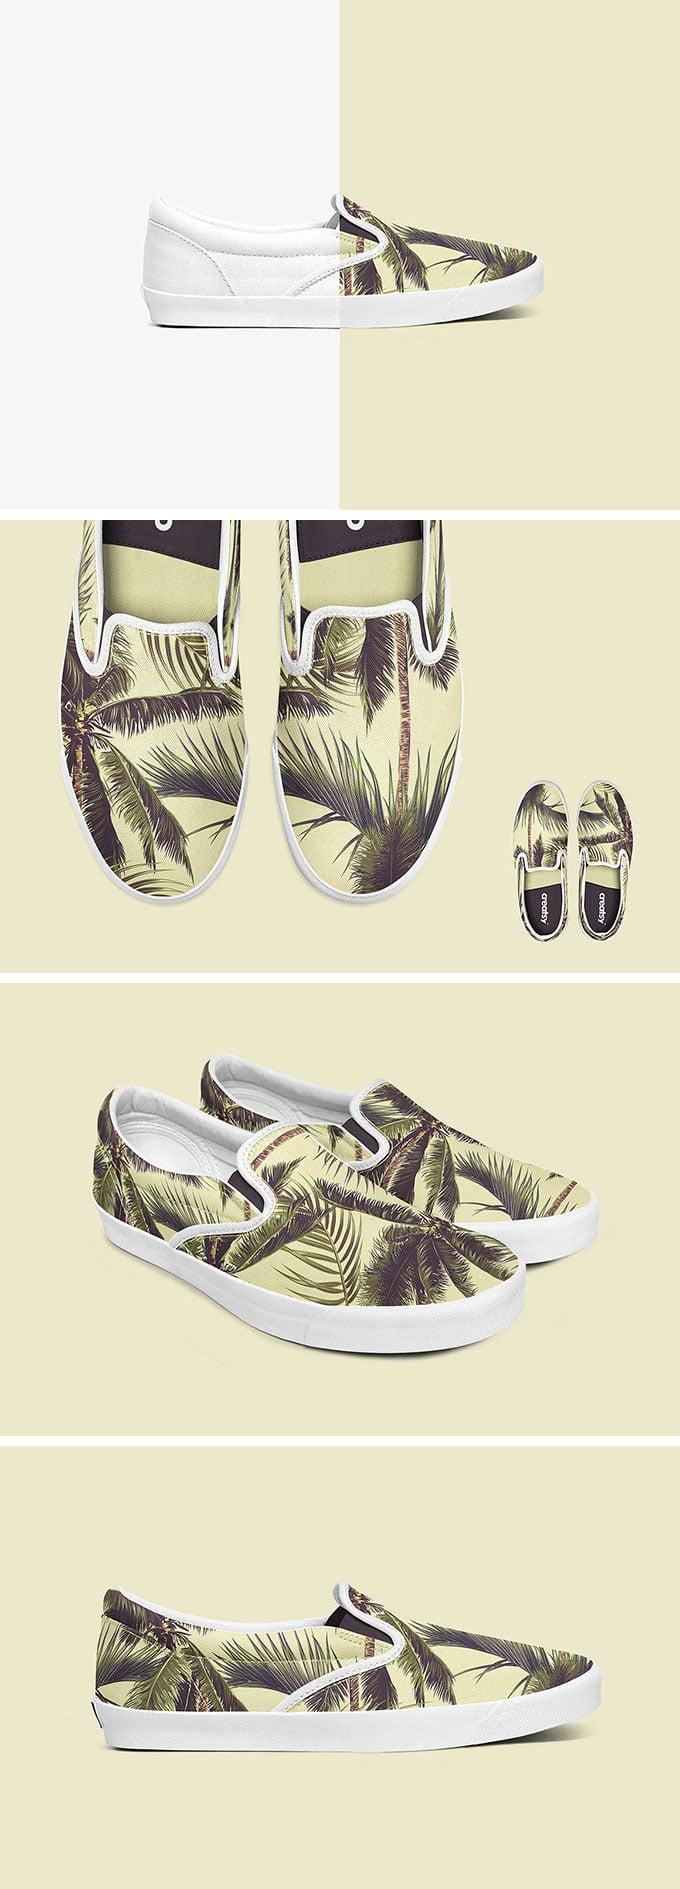 Free Slip-on Shoes Mockup Set